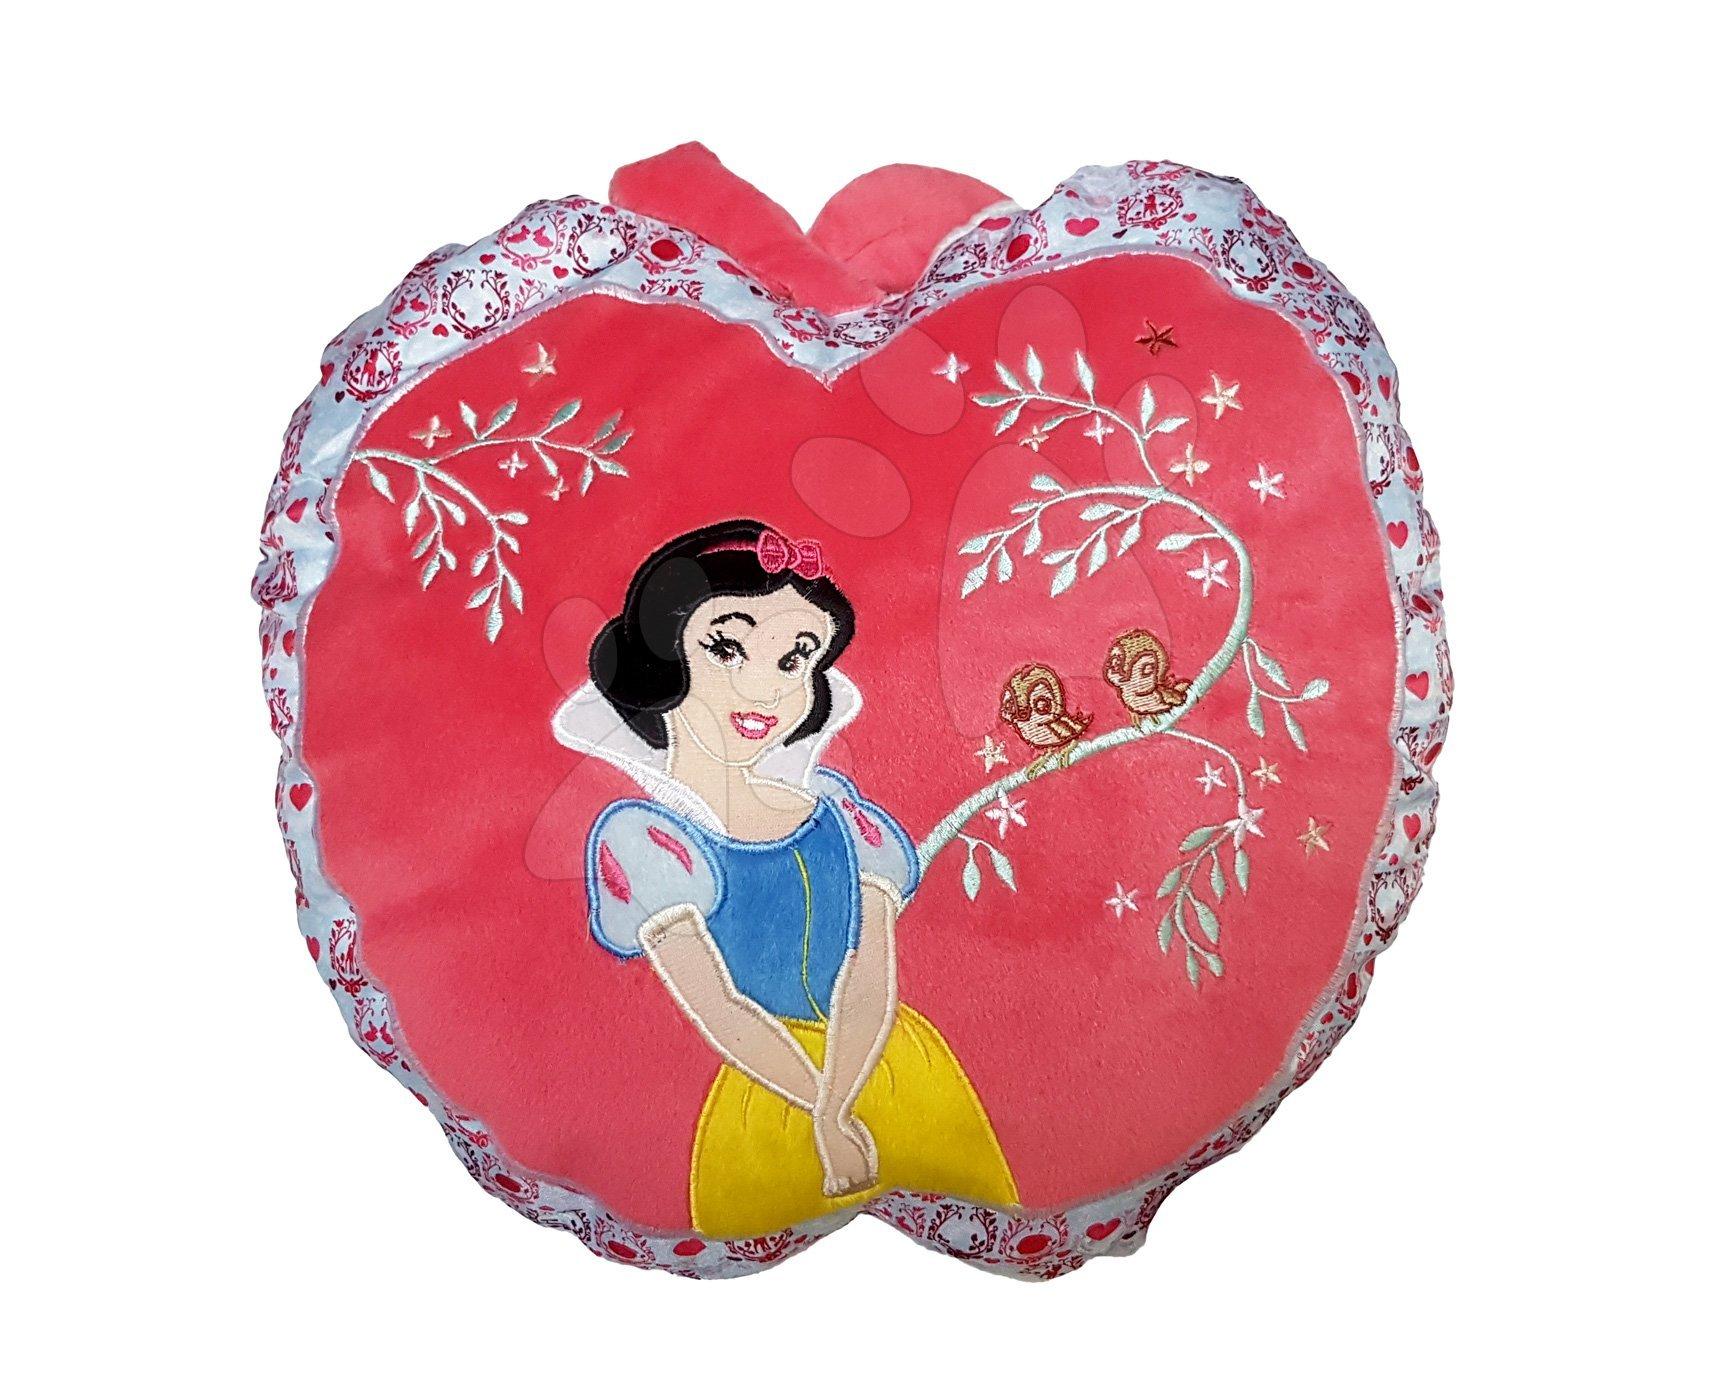 Blazina WD Princeske Sneguljčica Ilanit jabolko 36 cm rožnata